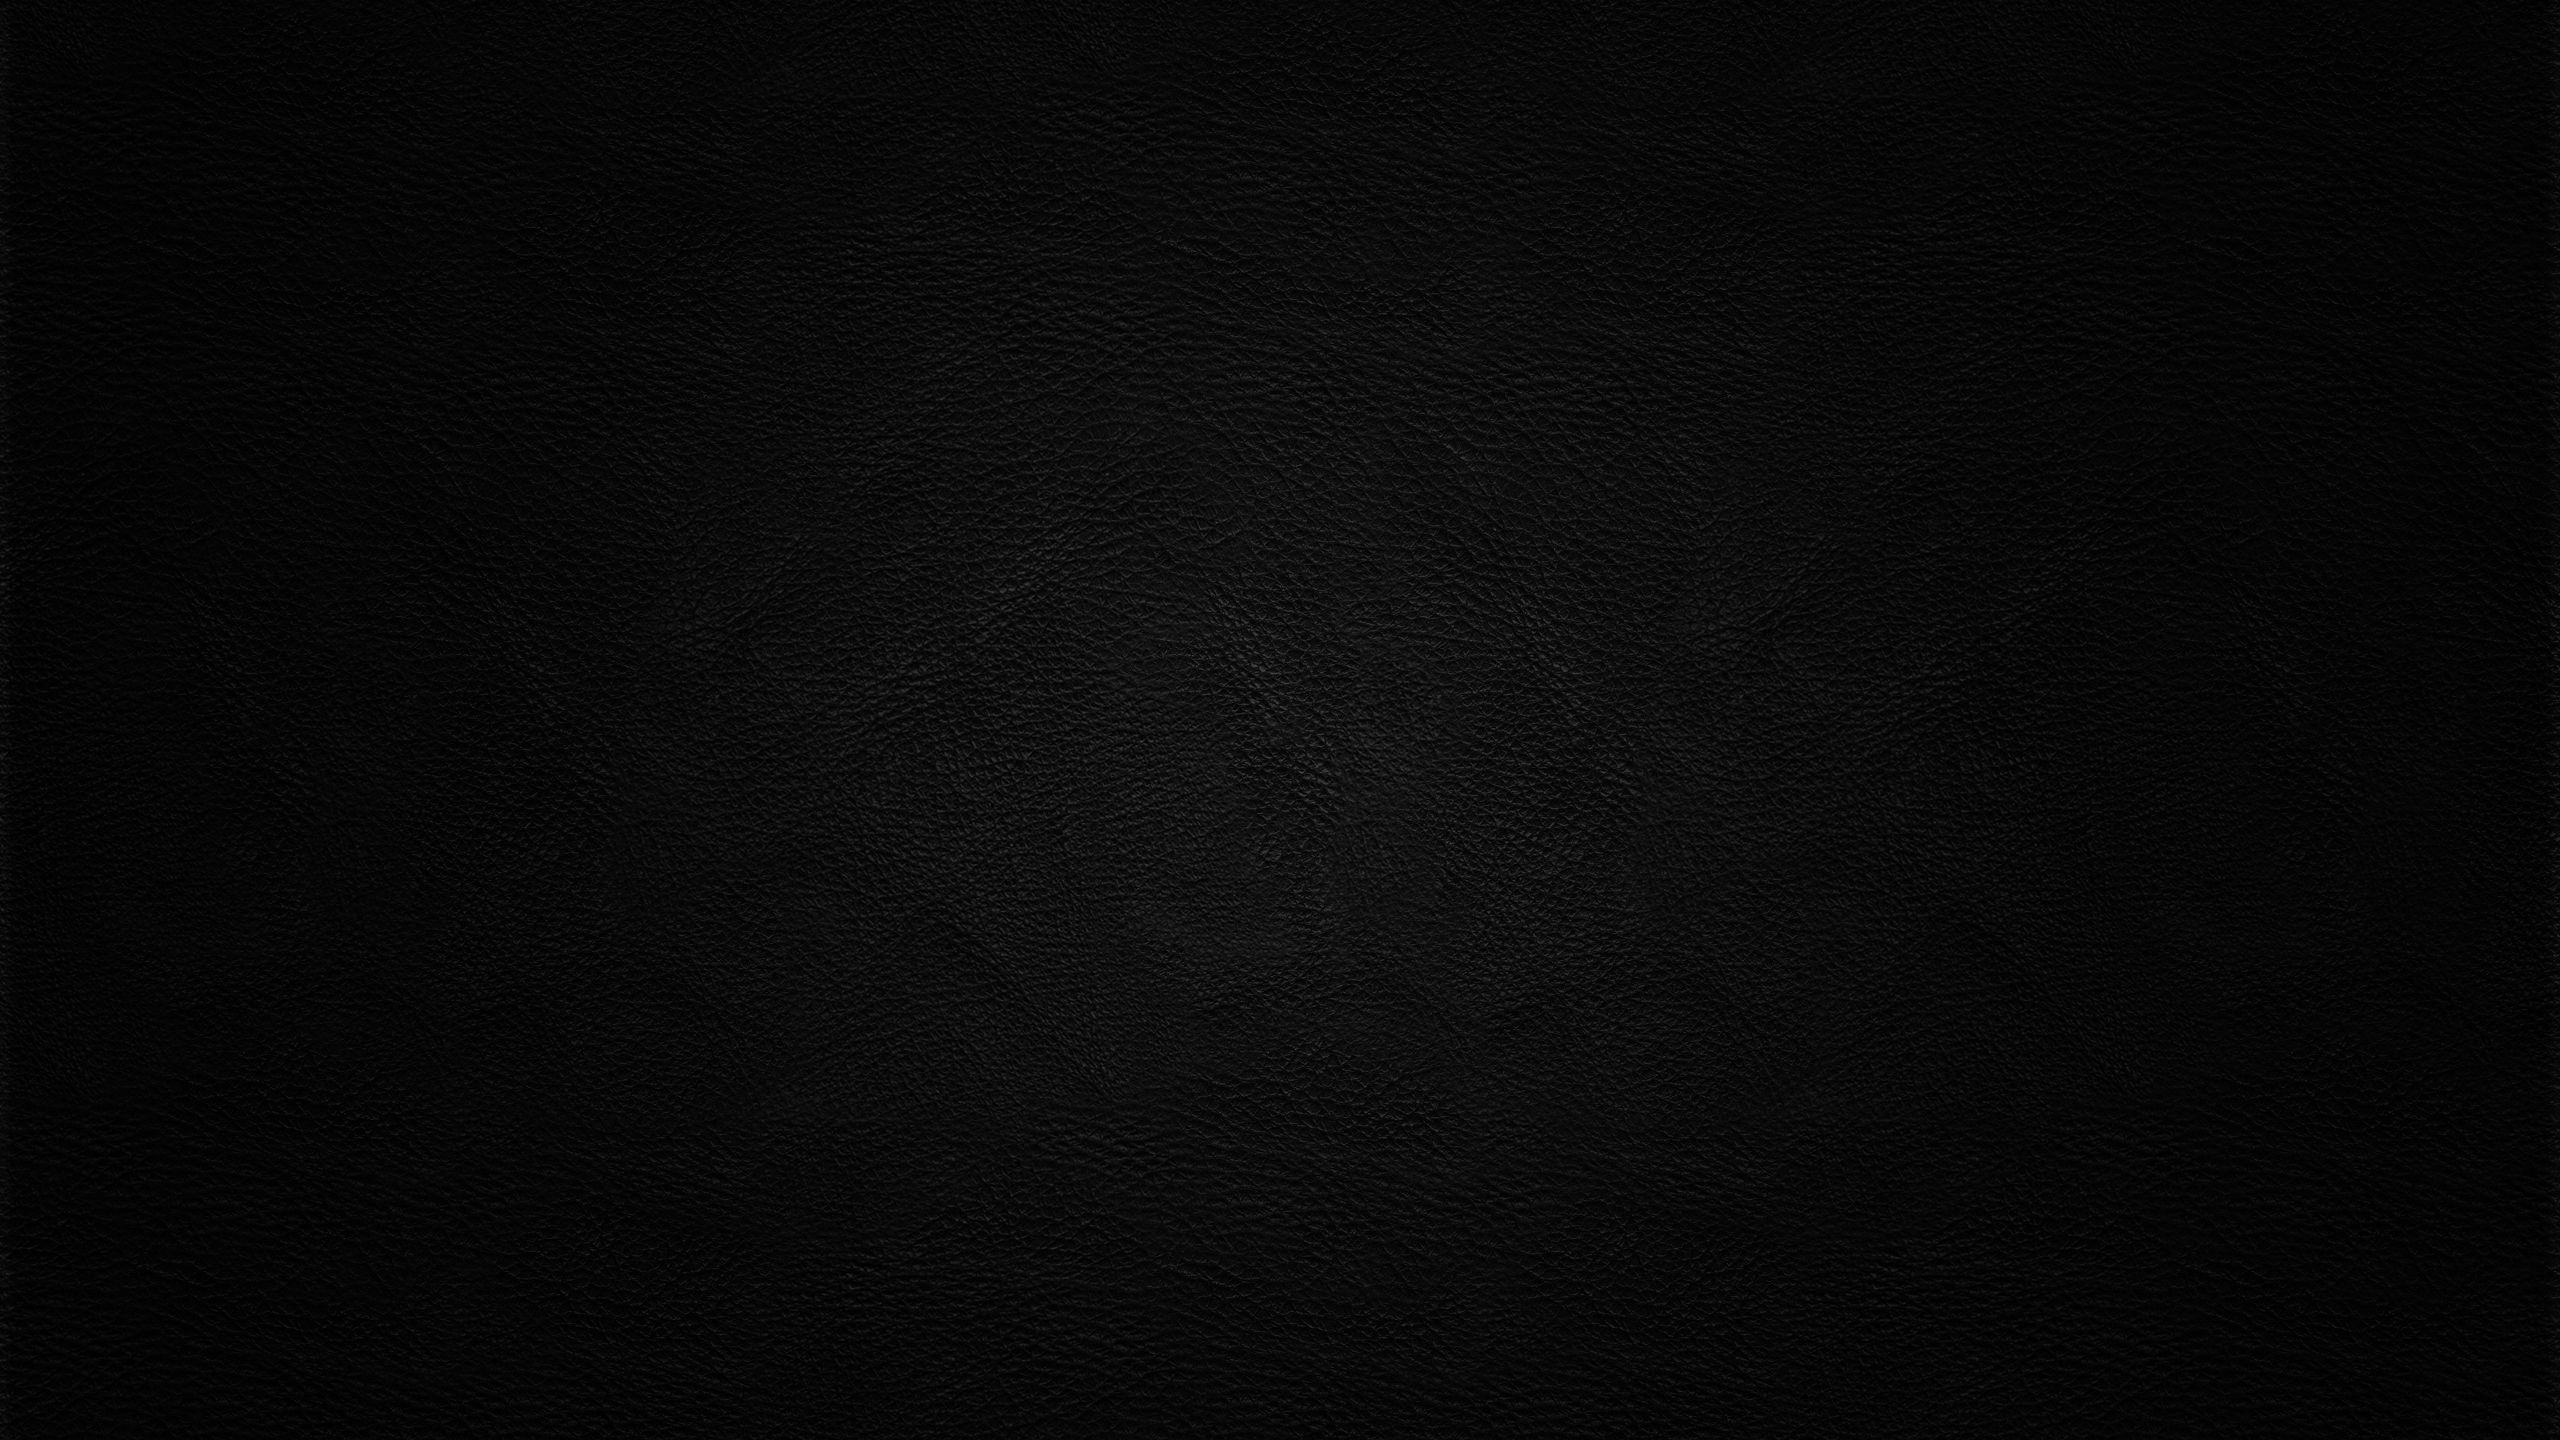 Unduh 300+ Wallpaper Black Texture